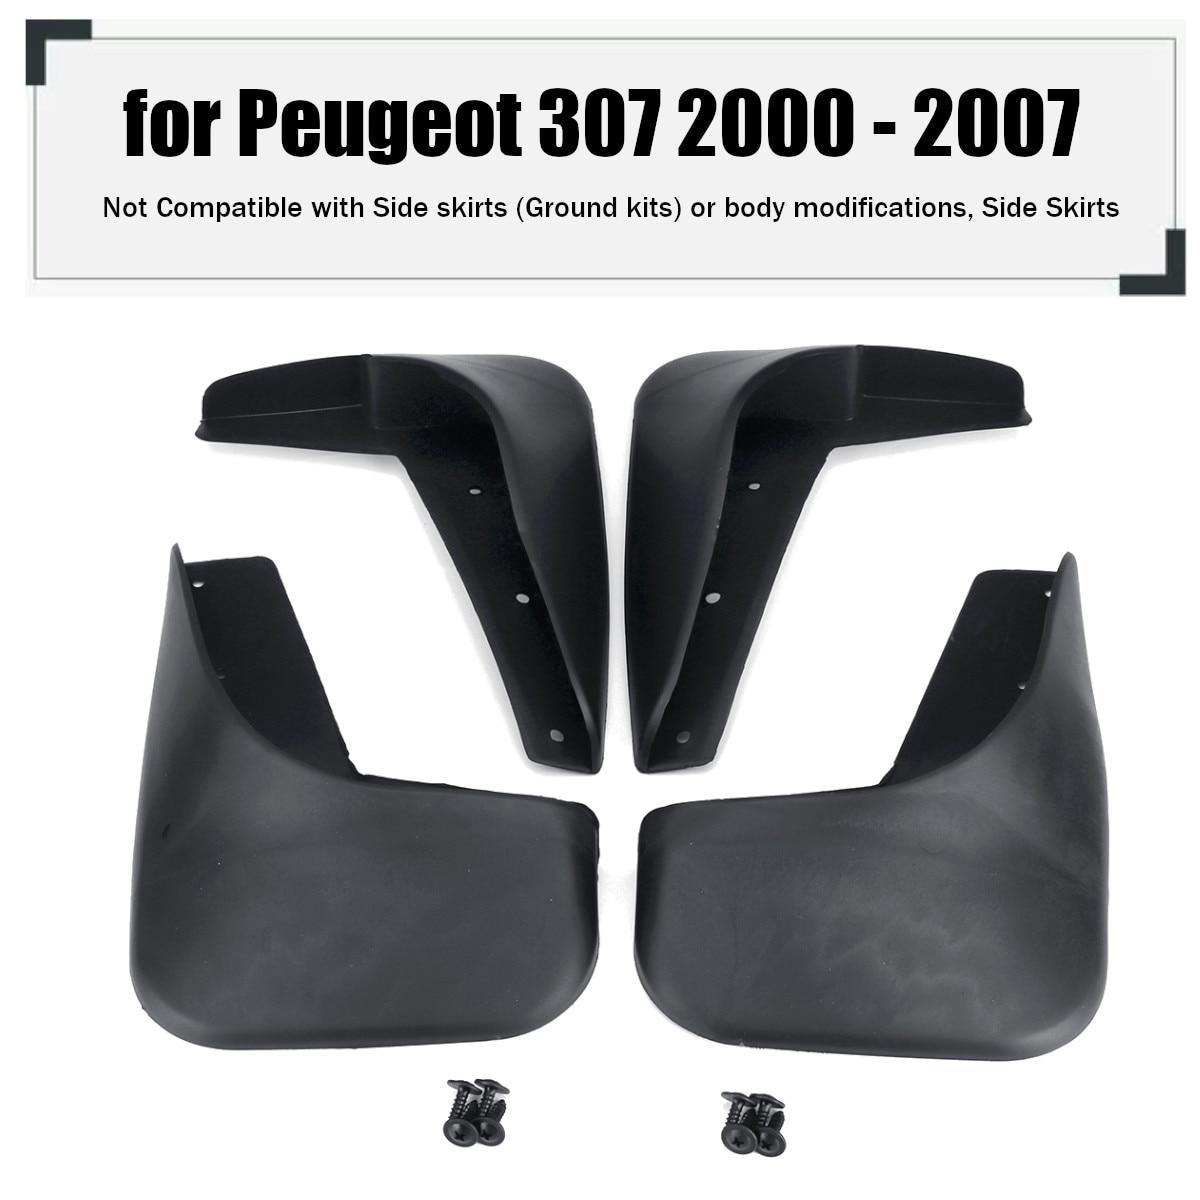 Автомобильные Брызговики для крышек аксессуары для Peugeot 307 2000 2001 2002 2003 2004 2005 2006 2007